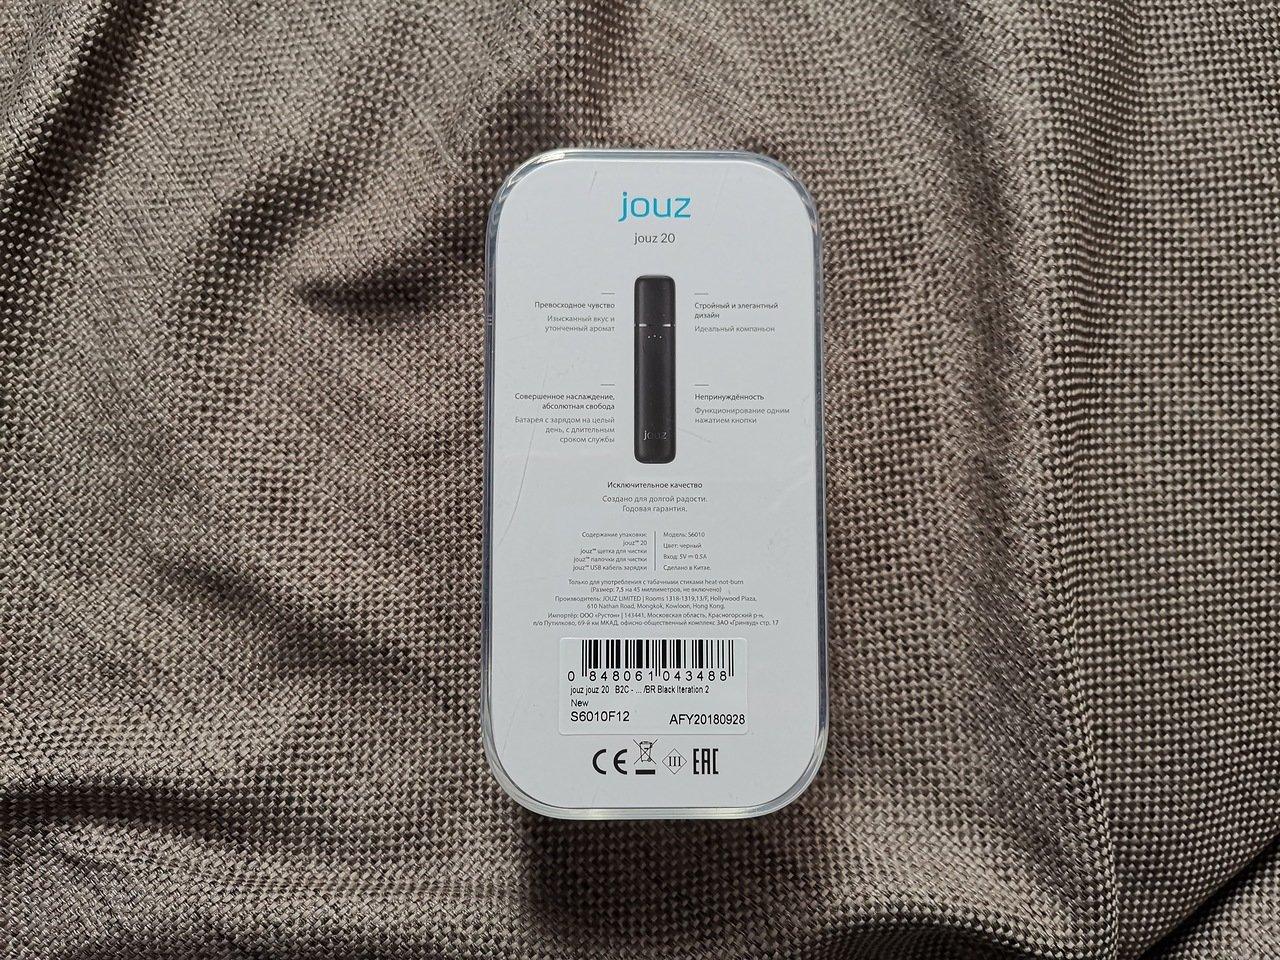 Обзор системы нагревания табака jouz 20